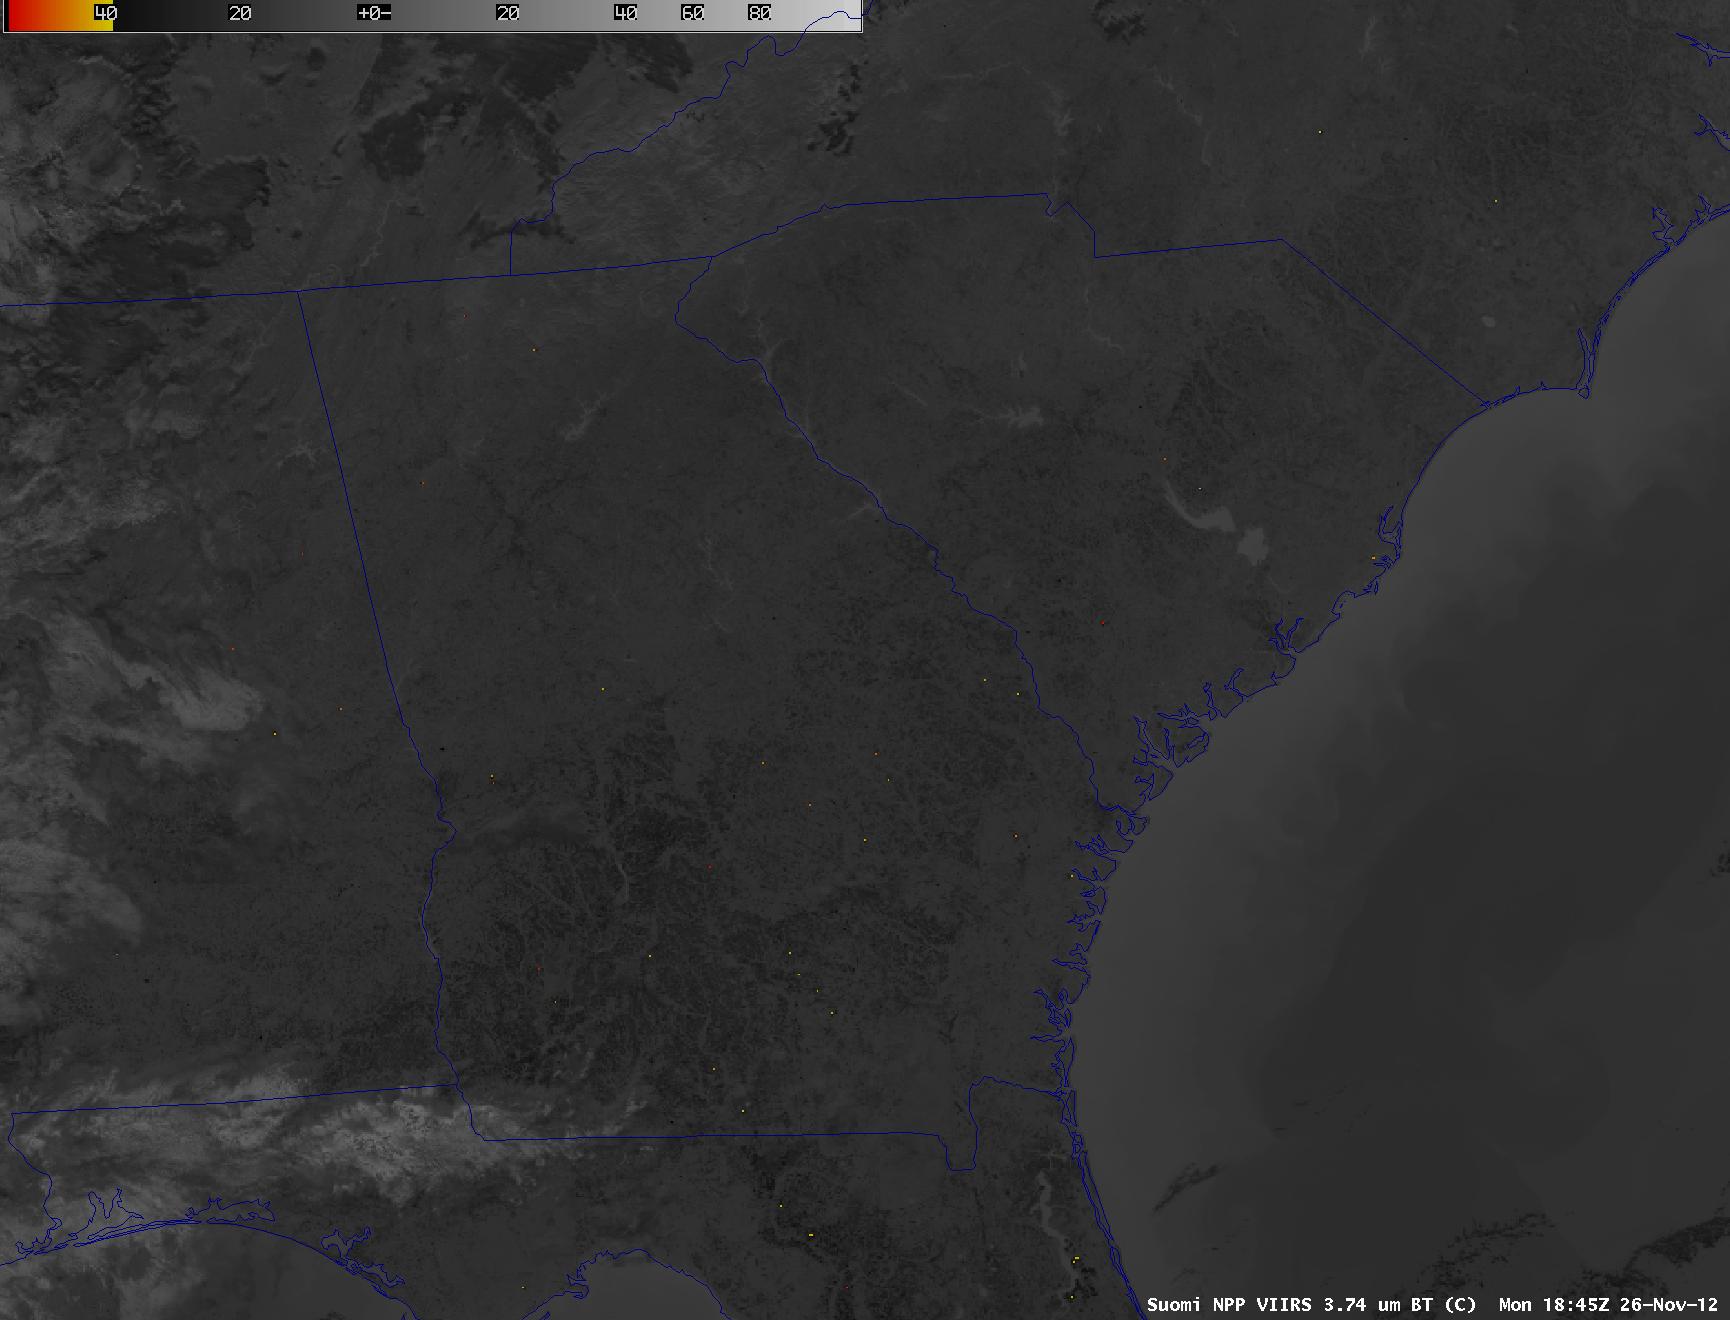 Suomi NPP VIIRS 3.74 µm shortwave IR image